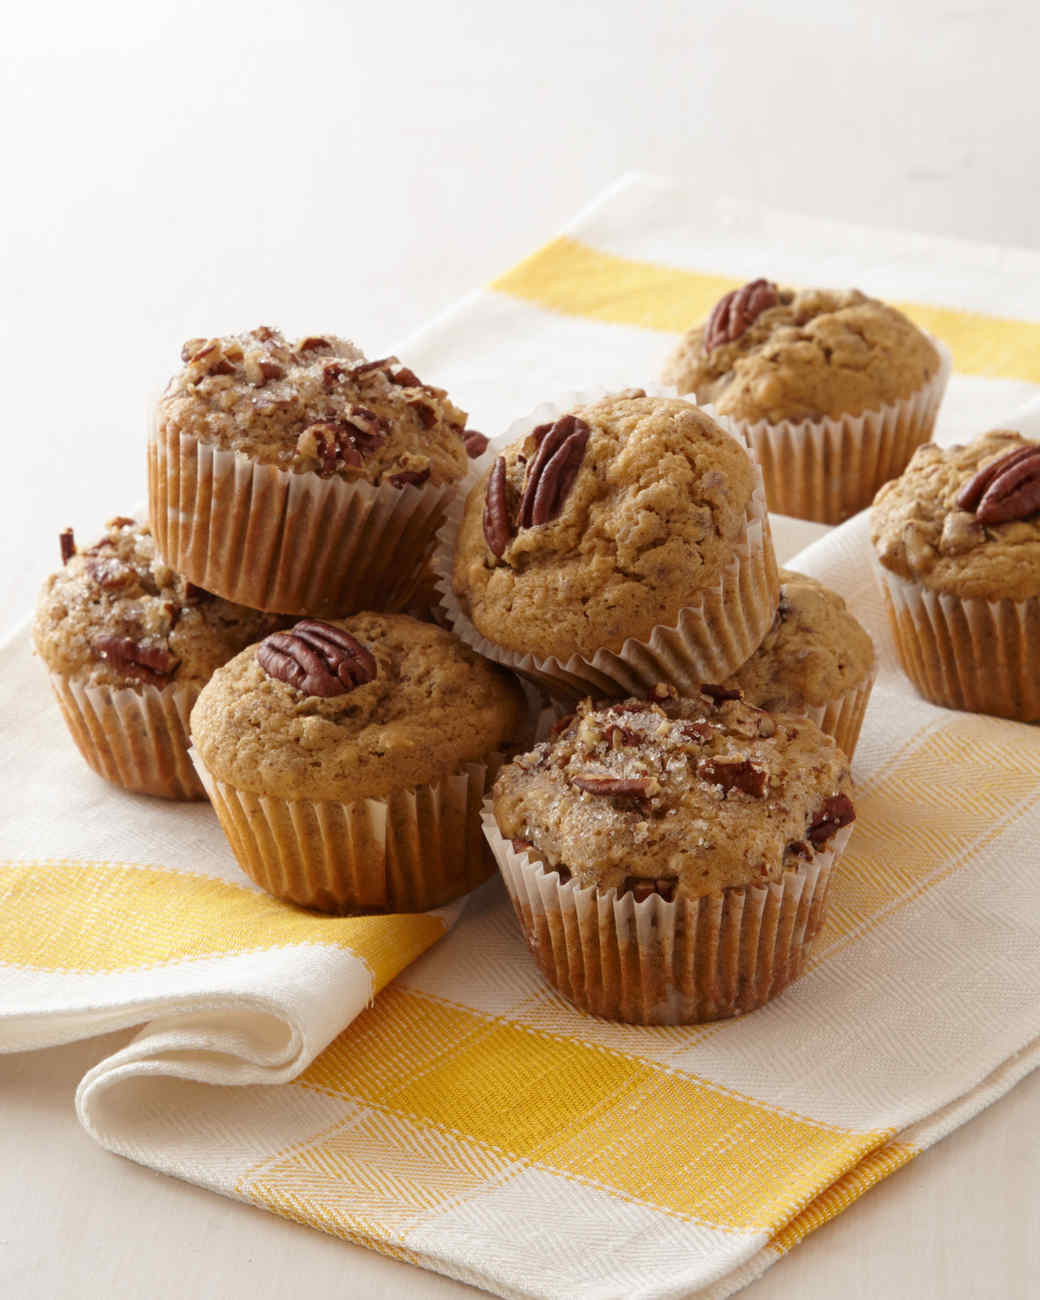 Martha Stewart Pecan Pie  Pecan Pie Muffins Recipe & Video